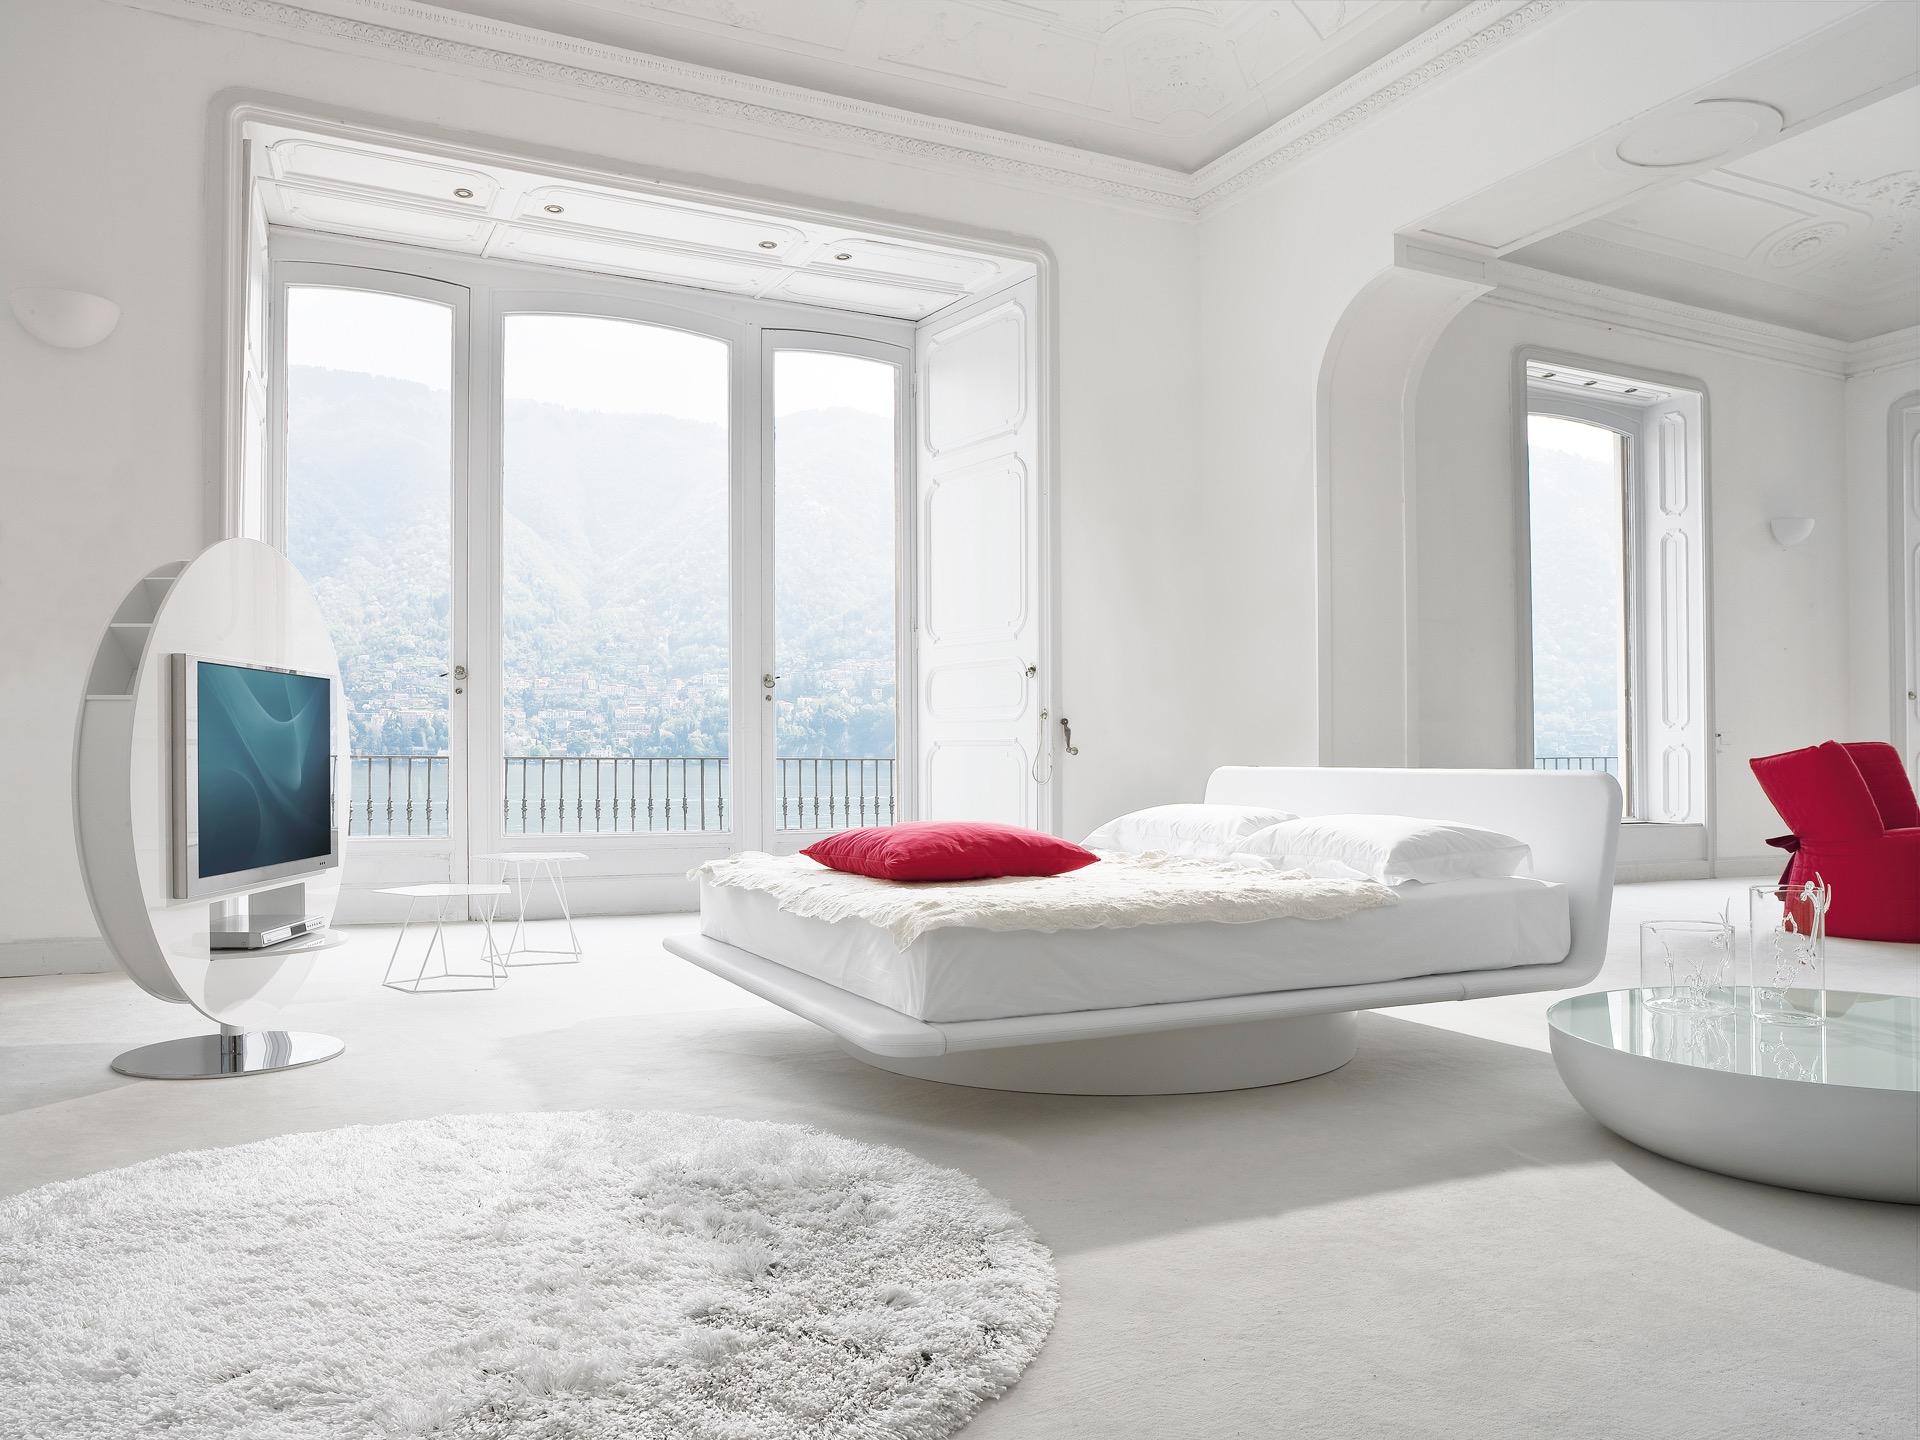 Le nostre migliori proposte per Arredamento Moderno Crescenzago Milano Crescenzago Milano